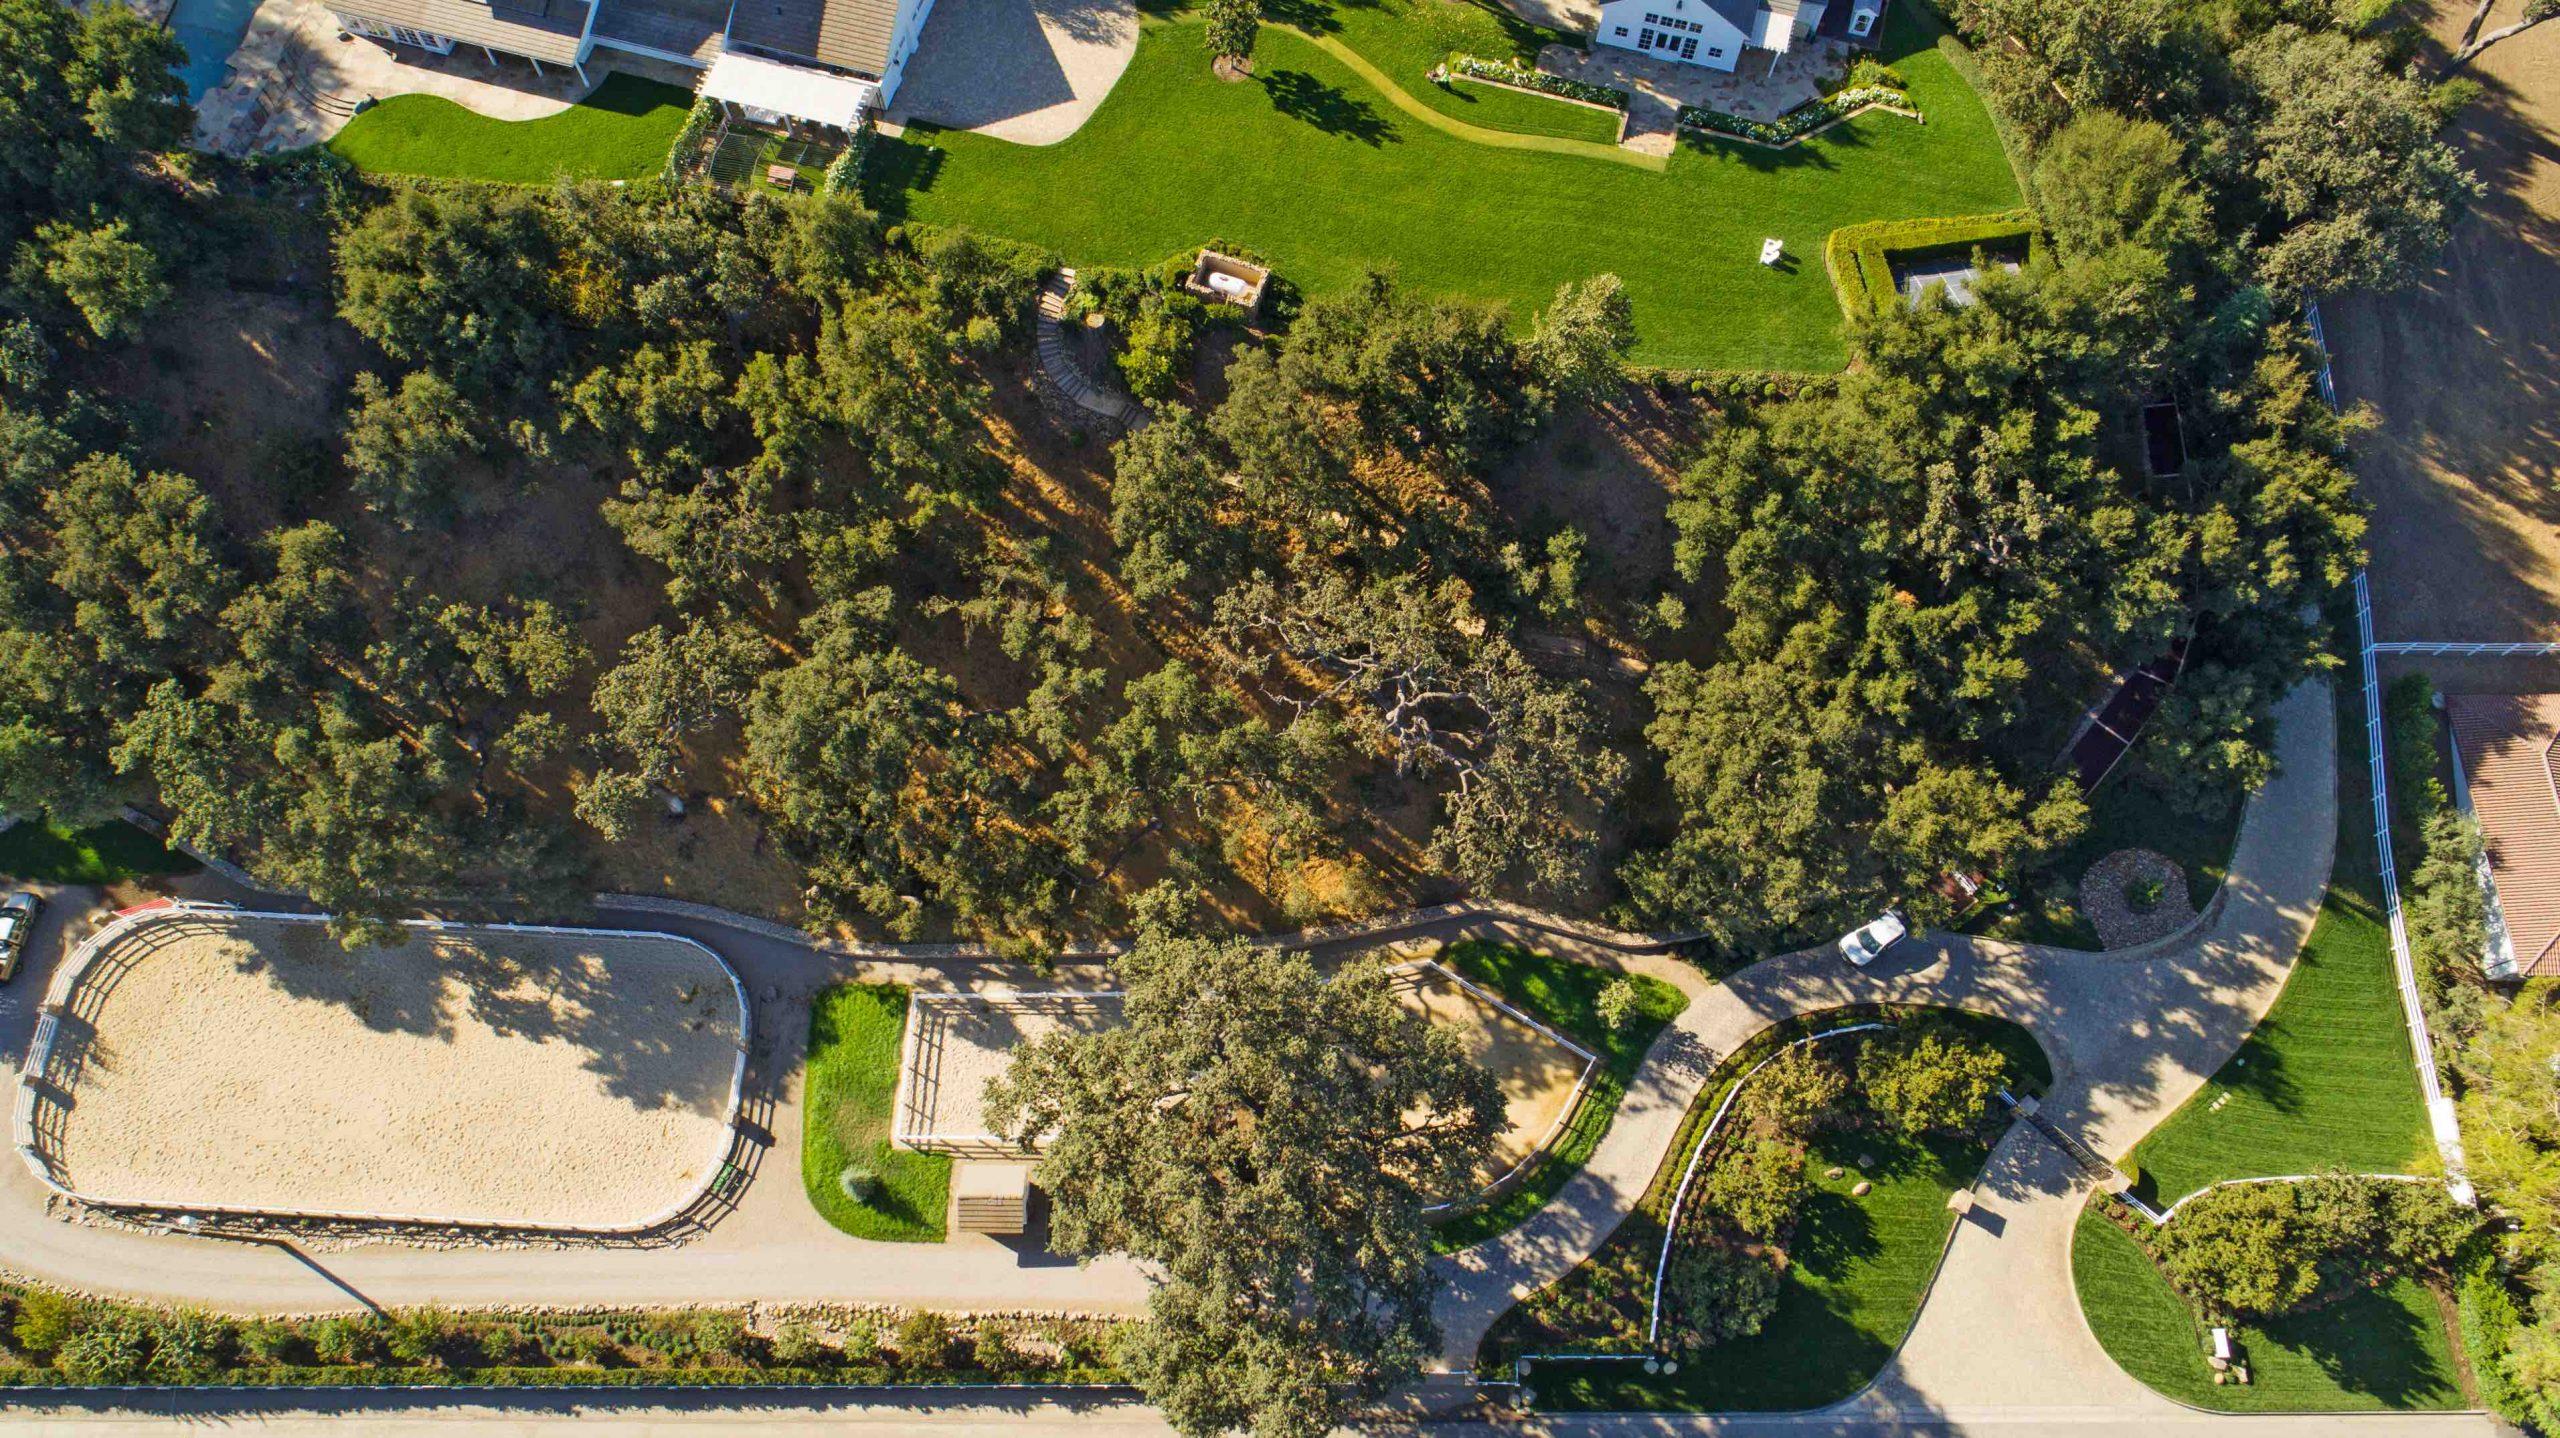 Estate Landscape Management